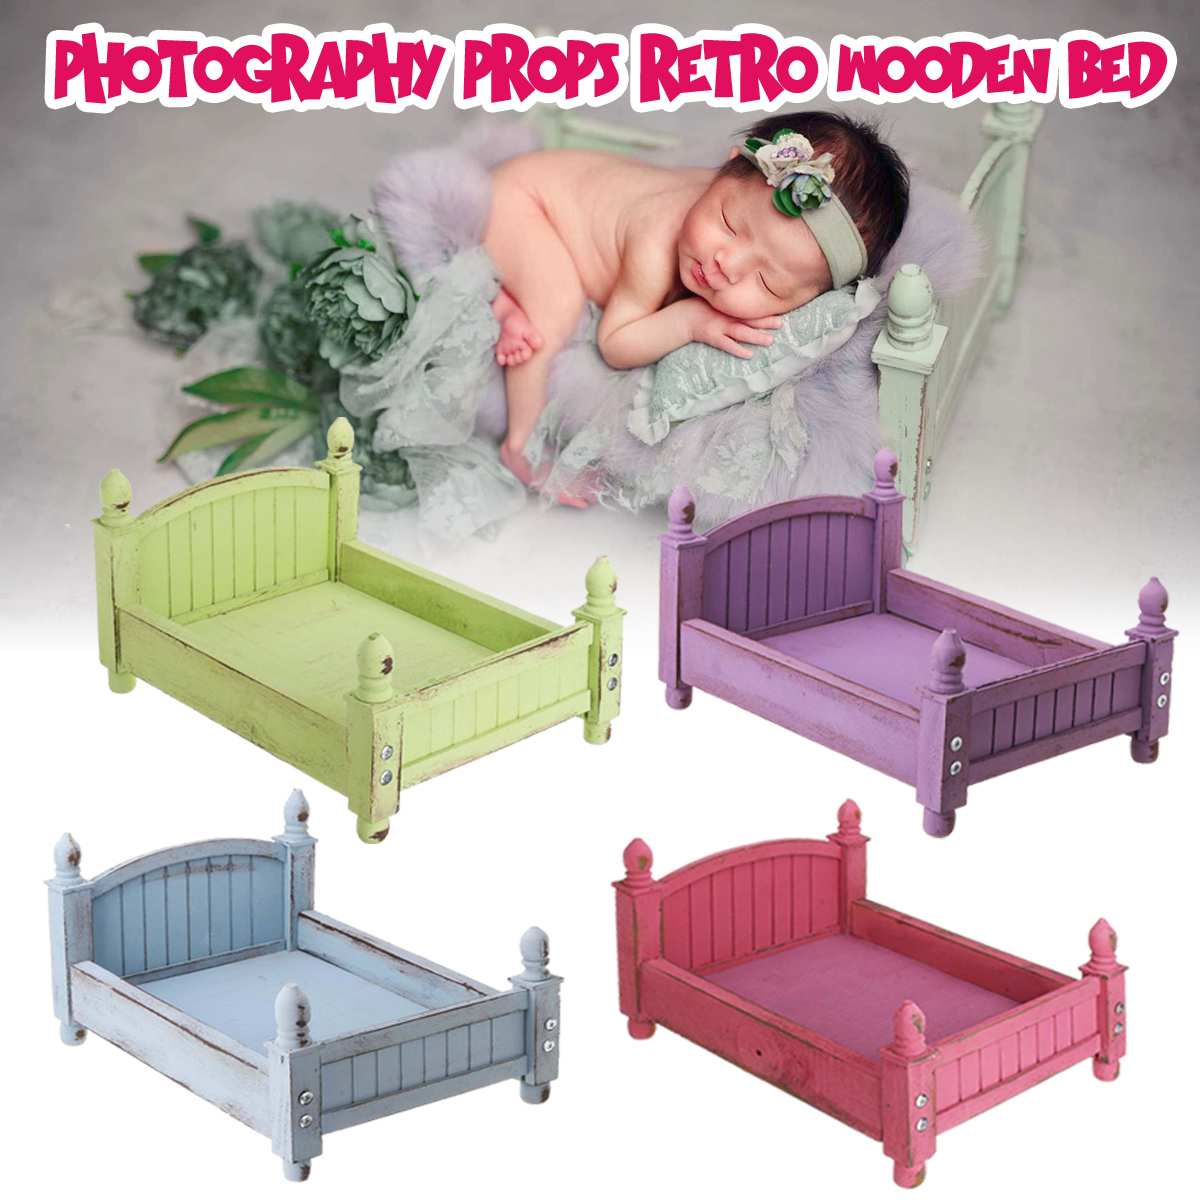 Bioby 4 couleurs lit bébé Studio photographie arrière-plan berceaux nouveau-né photographie Shoot accessoires rétro en bois Photo Shoot posant canapé